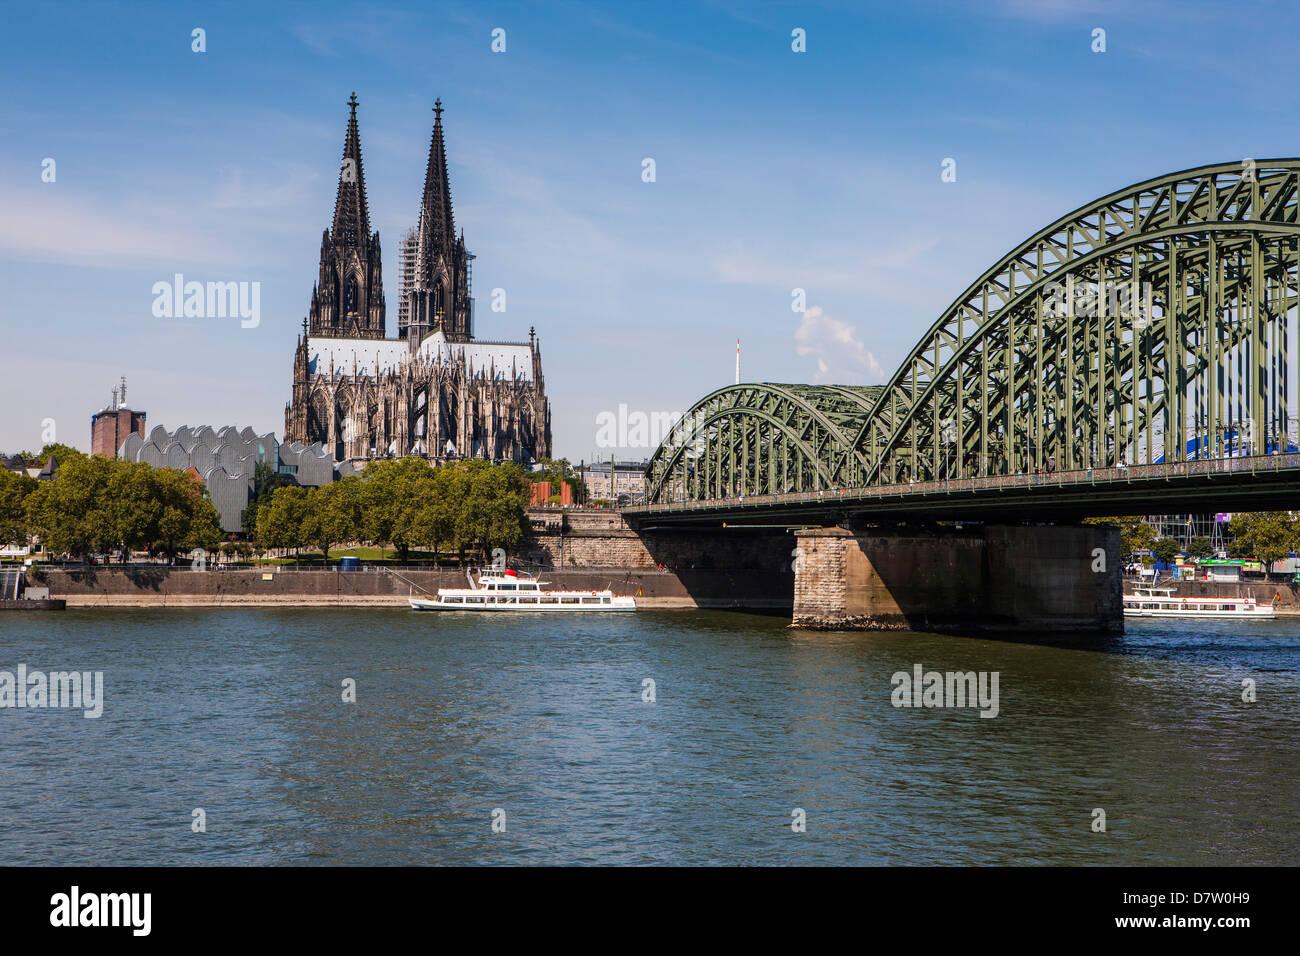 Rheinbrücke und Cathedral of Cologne, UNESCO-Weltkulturerbe, Rhein, Köln, Nordrhein-Westfalen, Deutschland Stockfoto